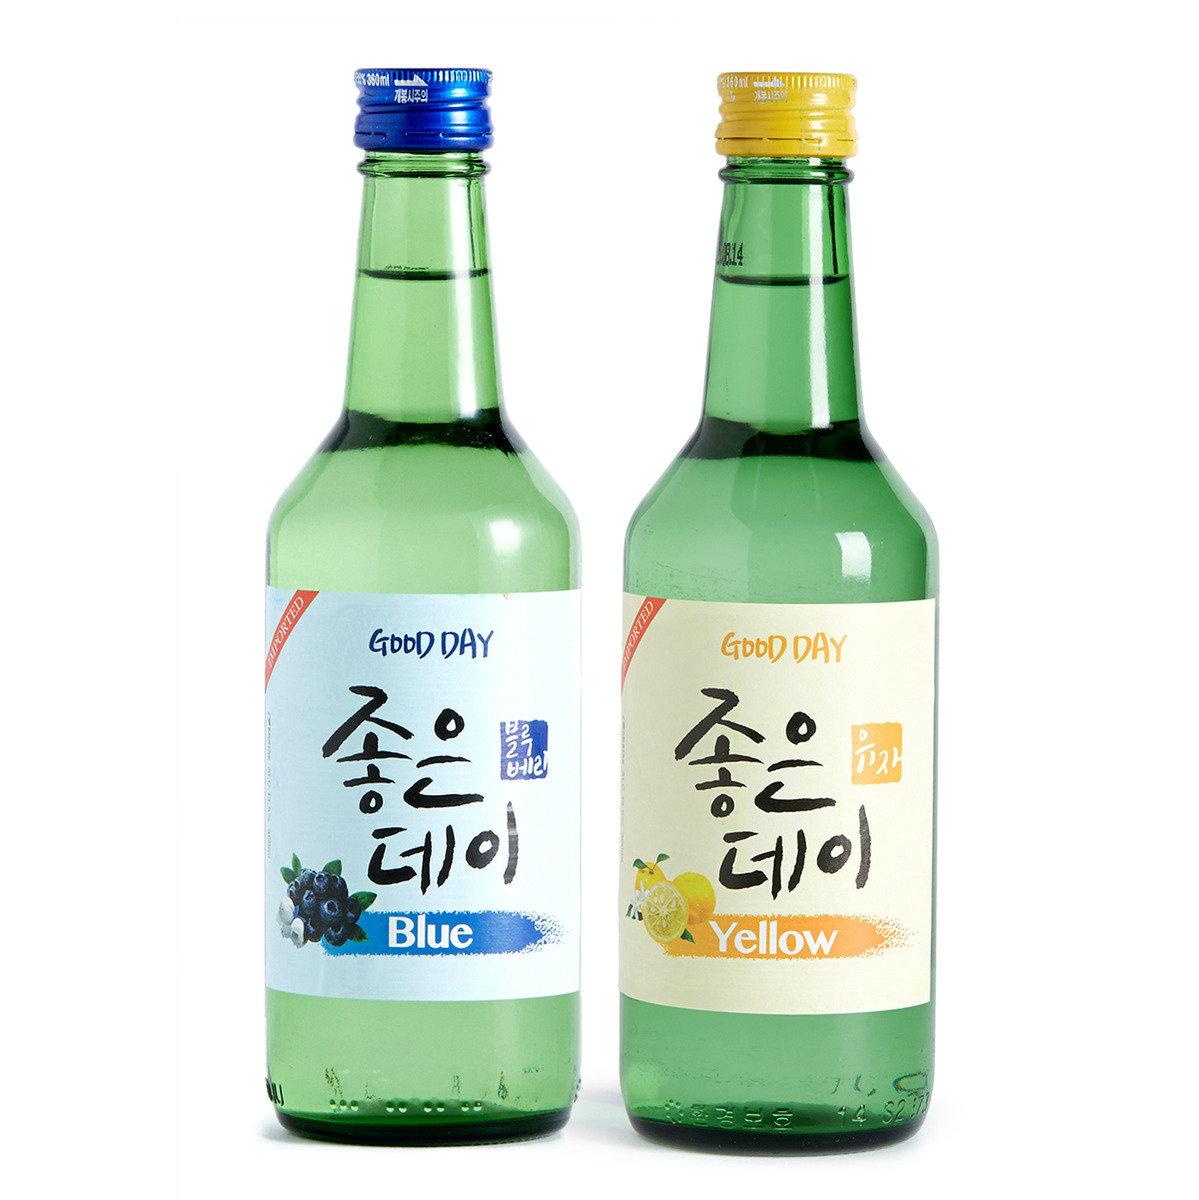 果汁酒套裝(柚子+藍梅)